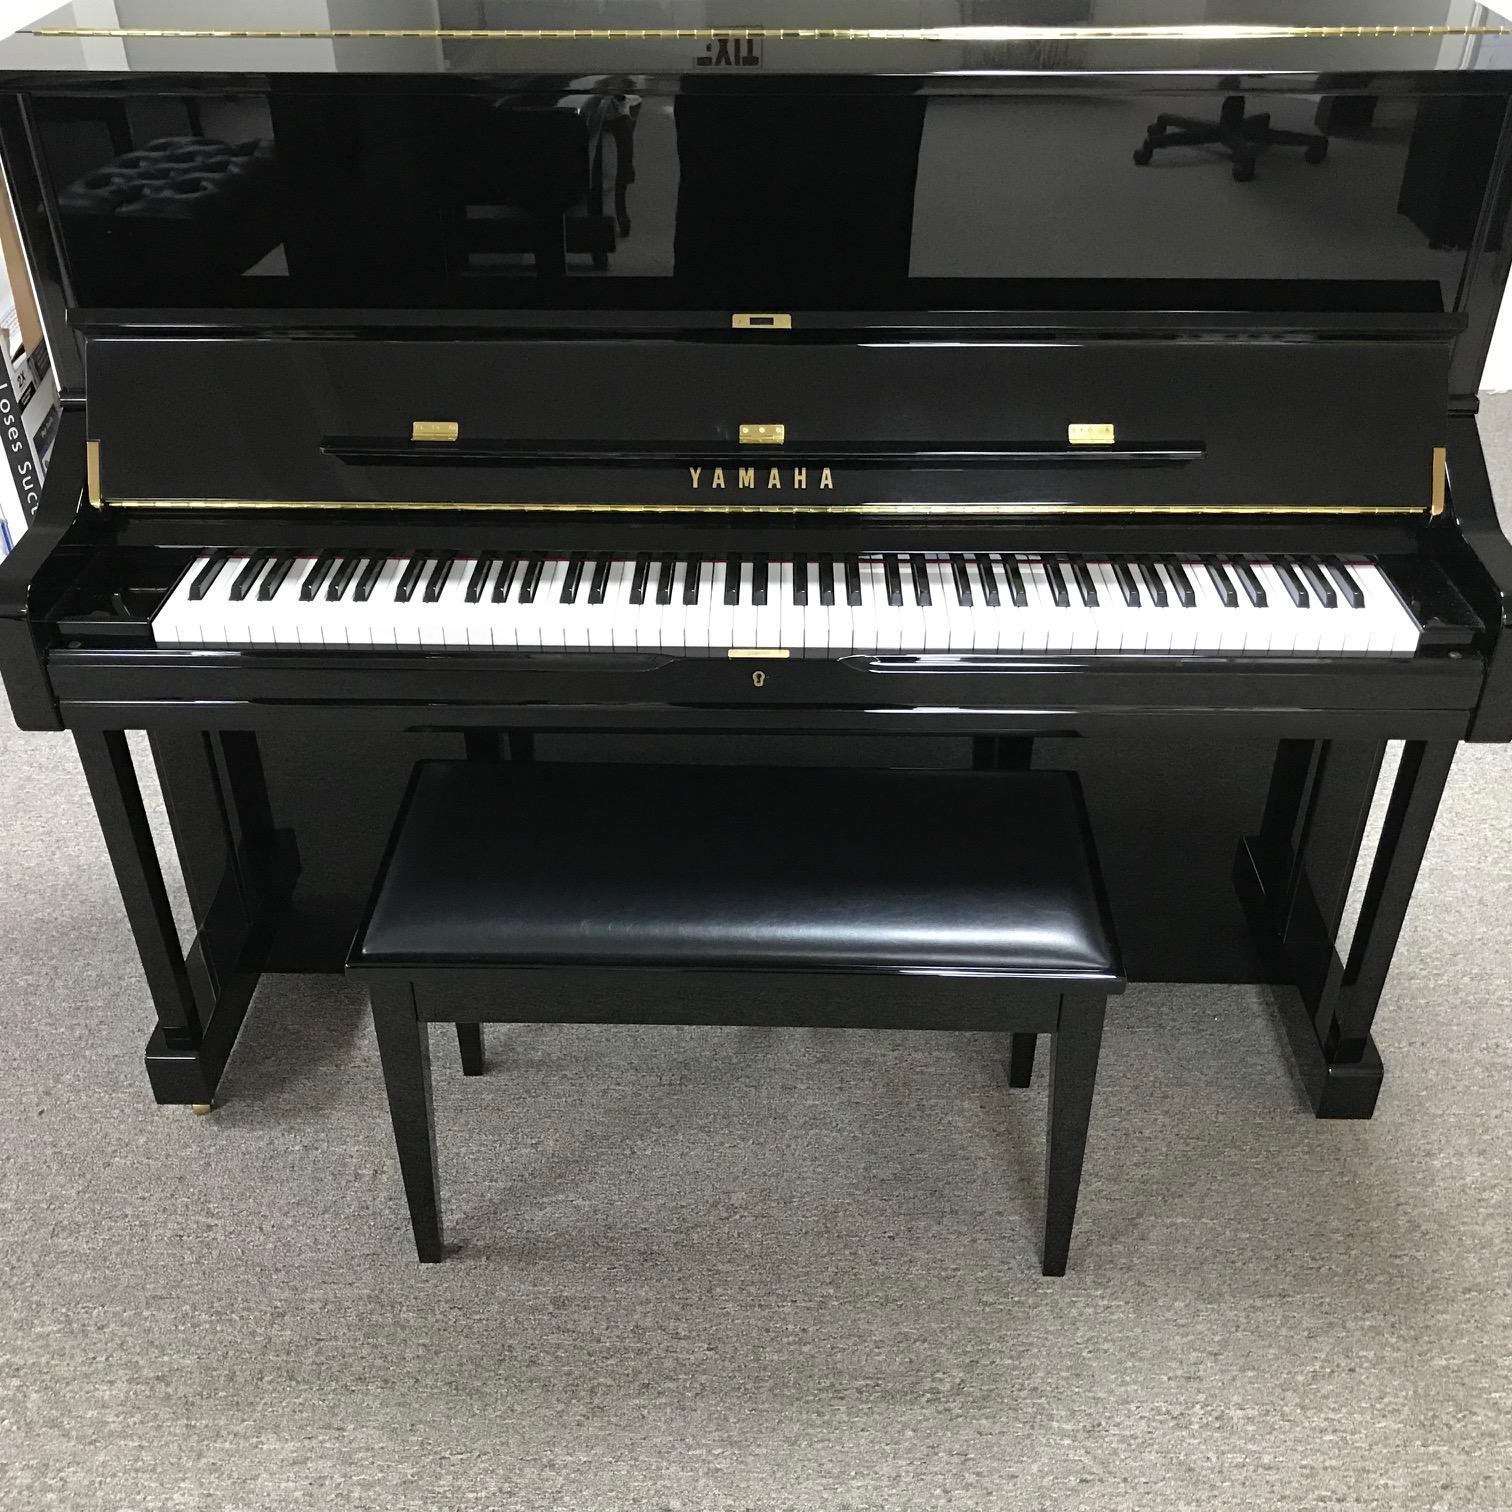 2016 Yamaha U1 Upright Piano Like New Piano